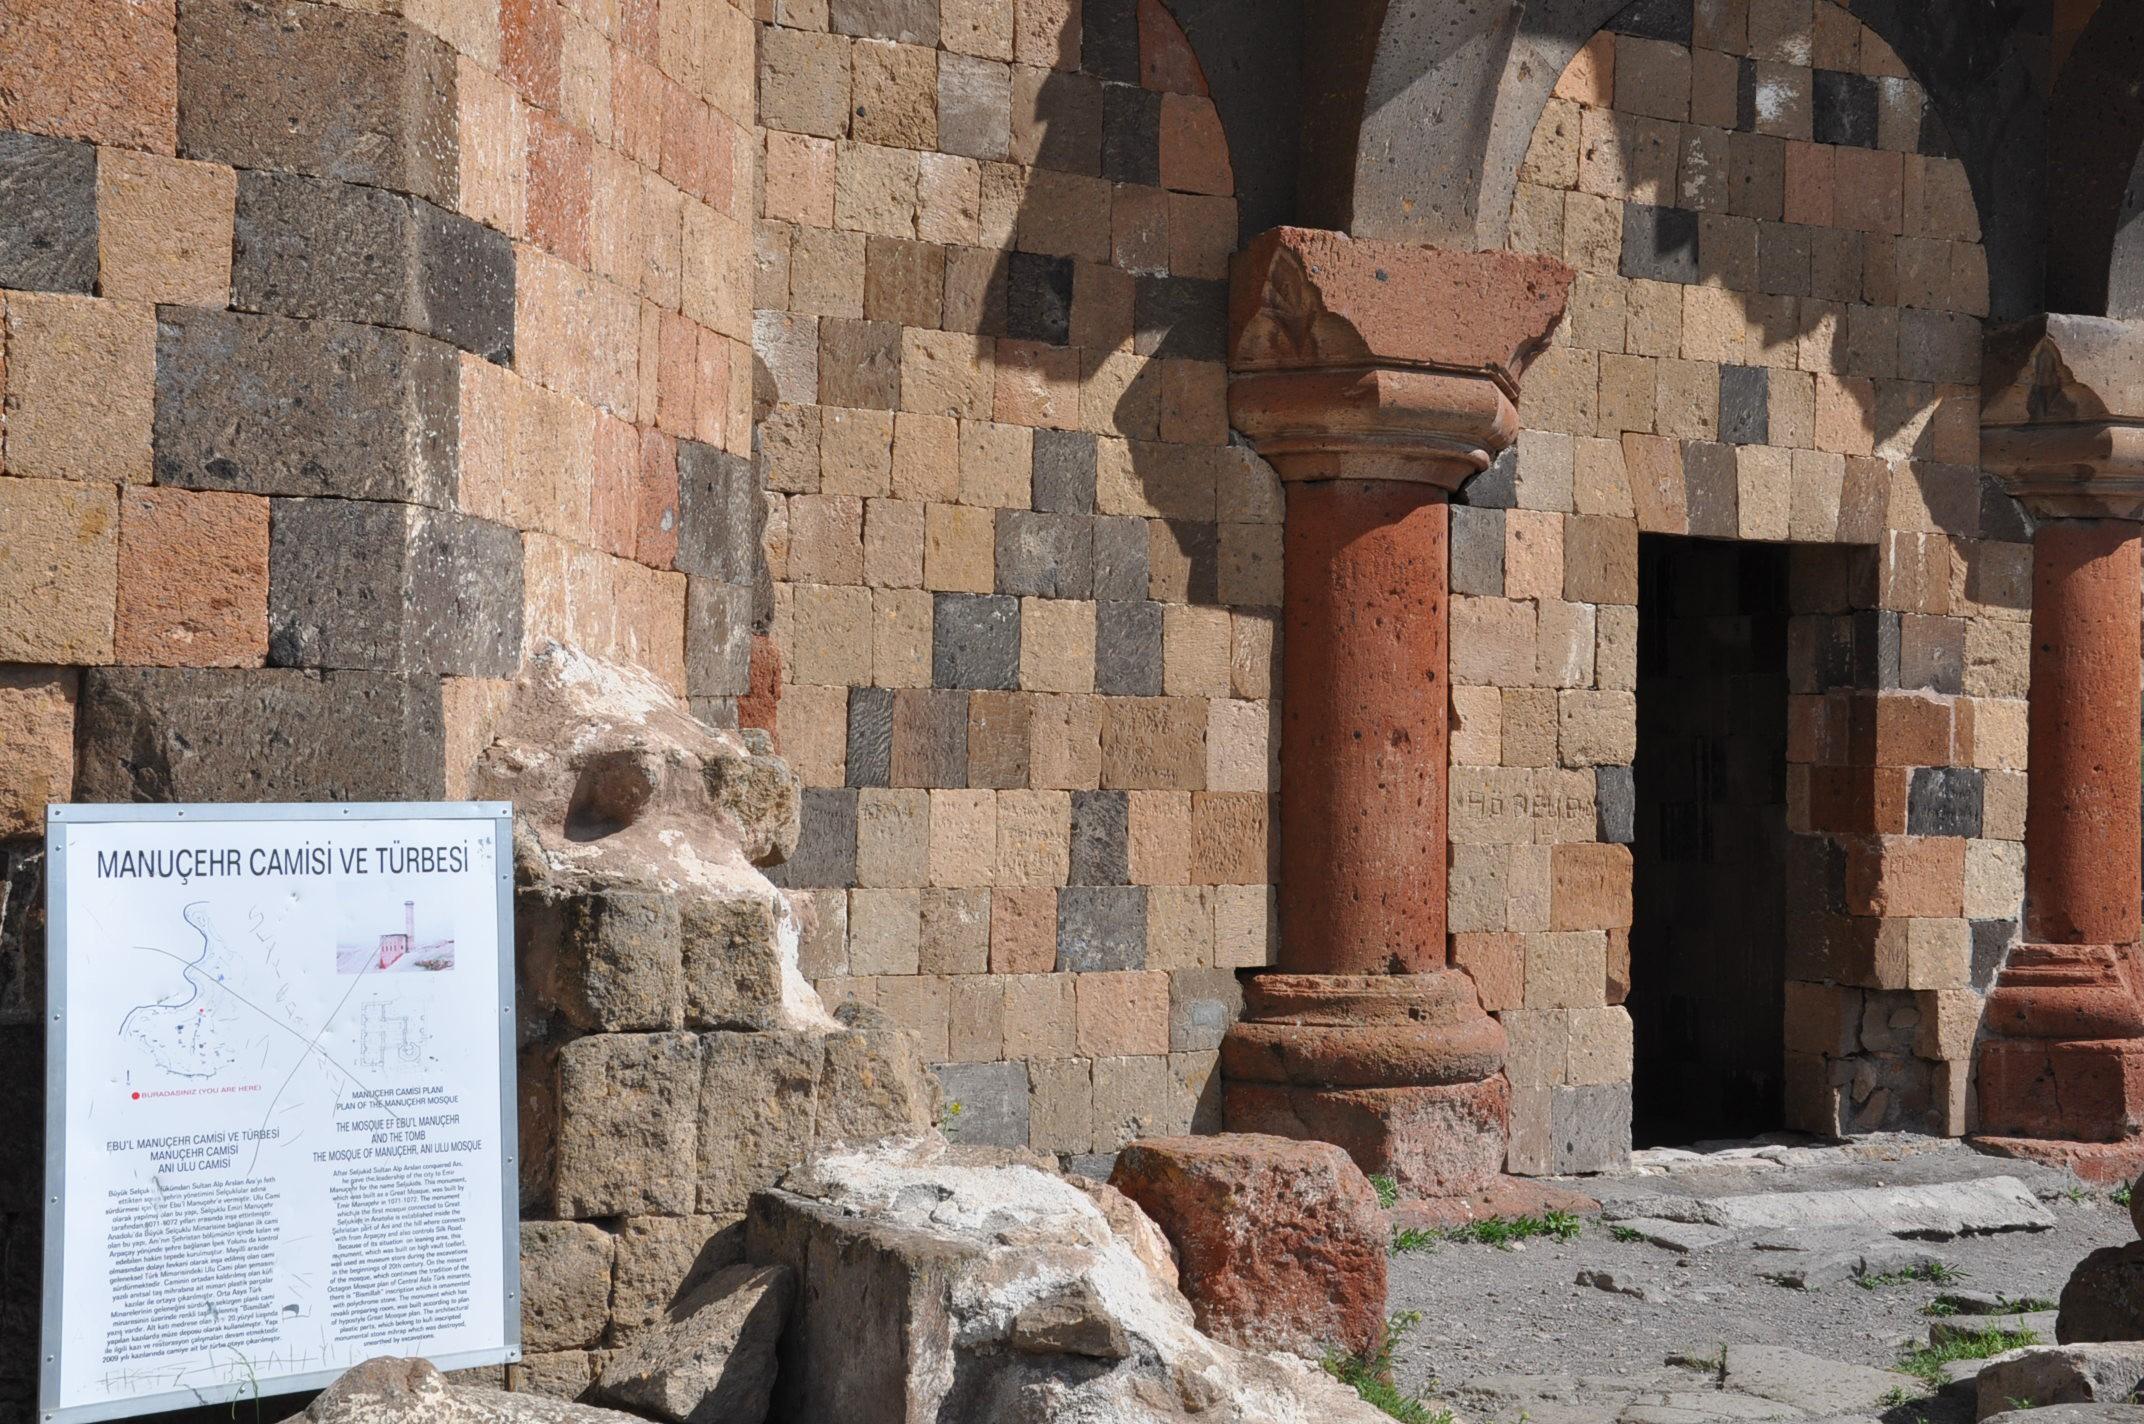 anadolu'daki-ilk-turk-camisi-ebul-menucehr-(2).jpg